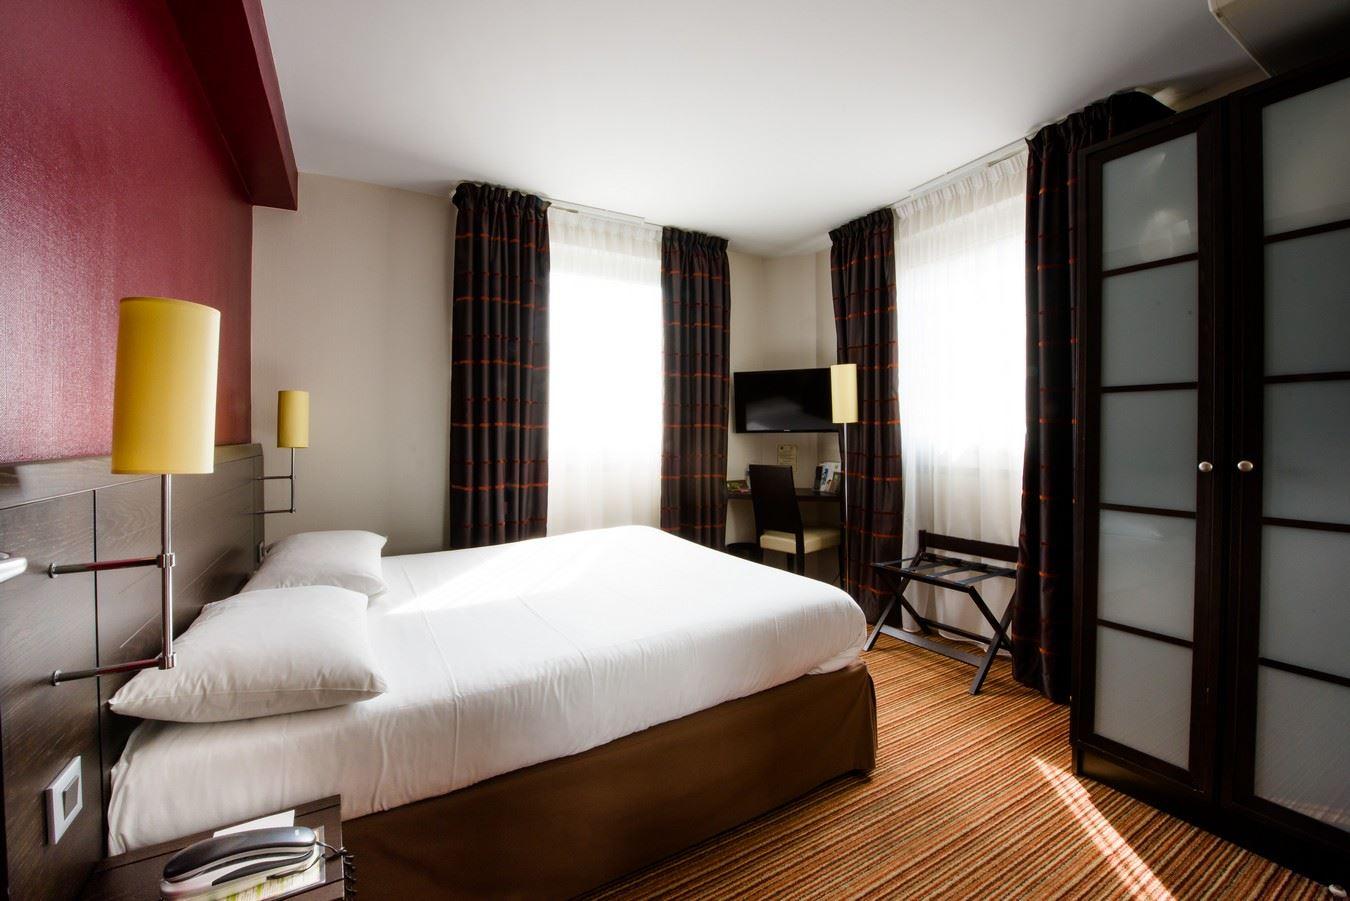 Hôtel Ibis Styles Nantes Centre Place Royale